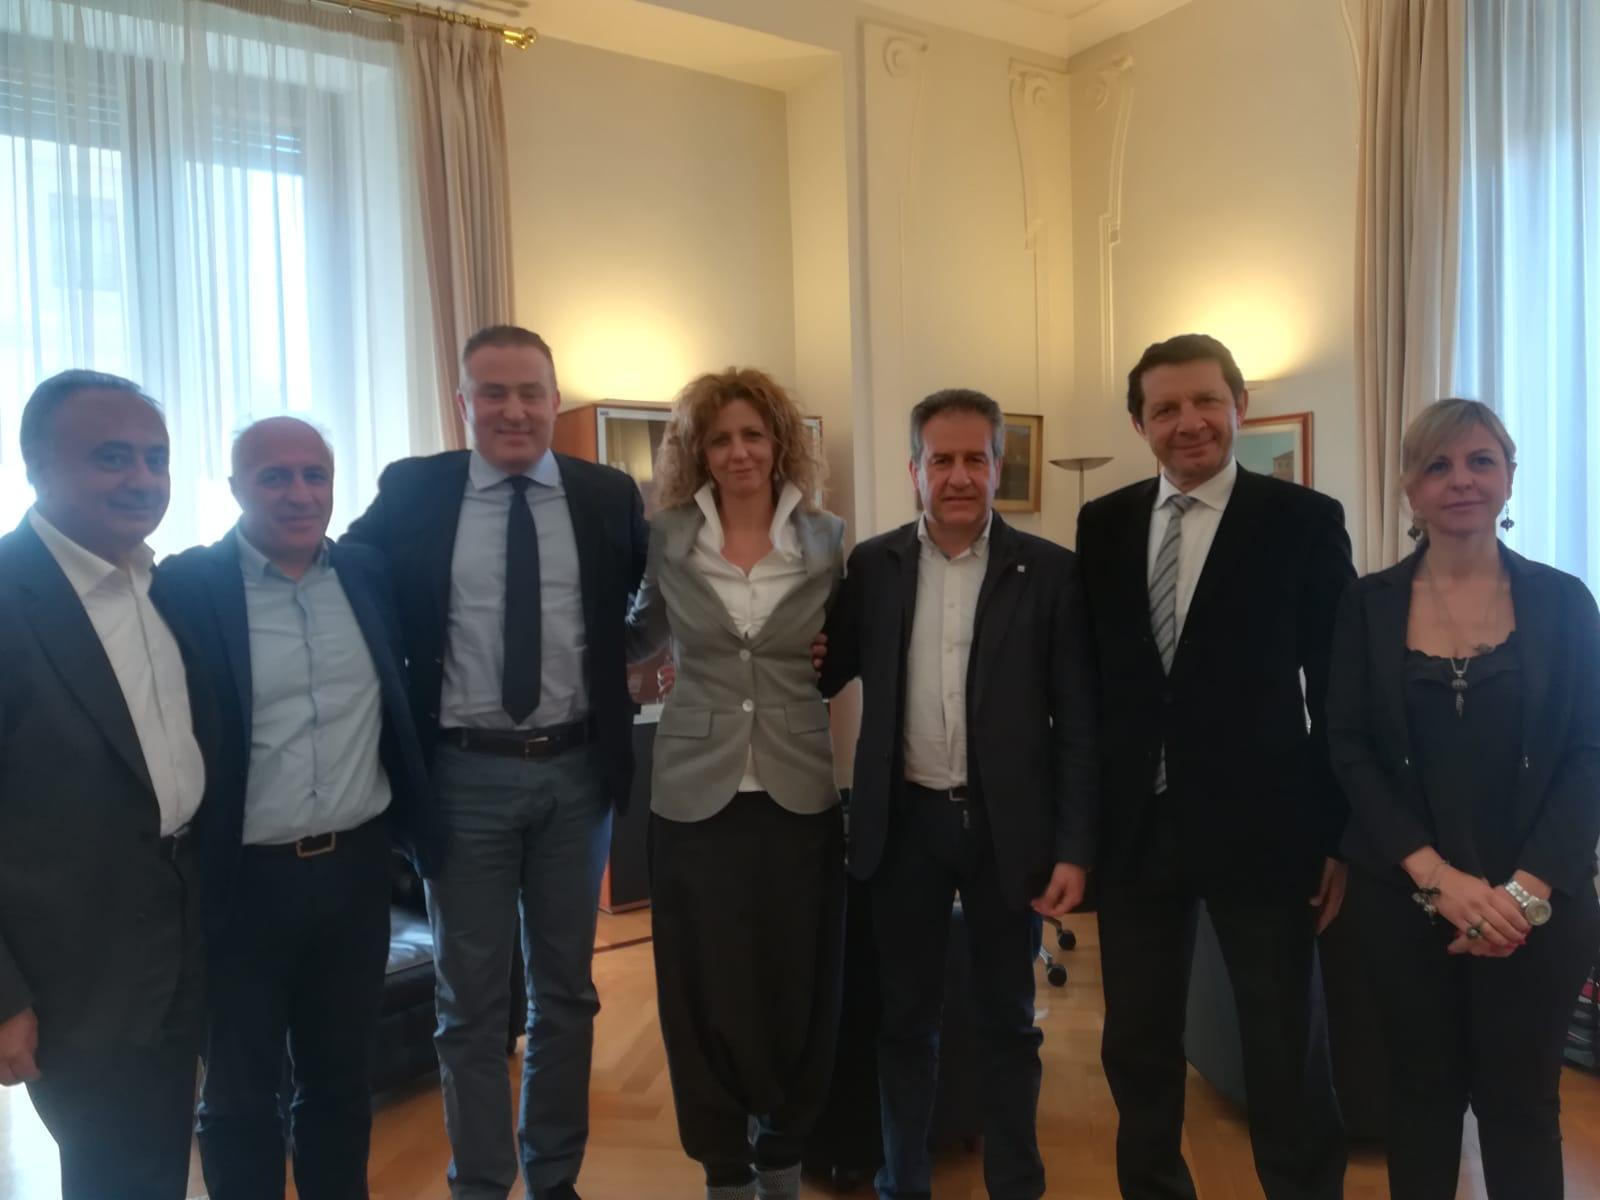 Strategia SNAI. Pietro Macaluso e i sindaci della Federazione Nazionale Aree Interne incontrano il Ministro Lezzi